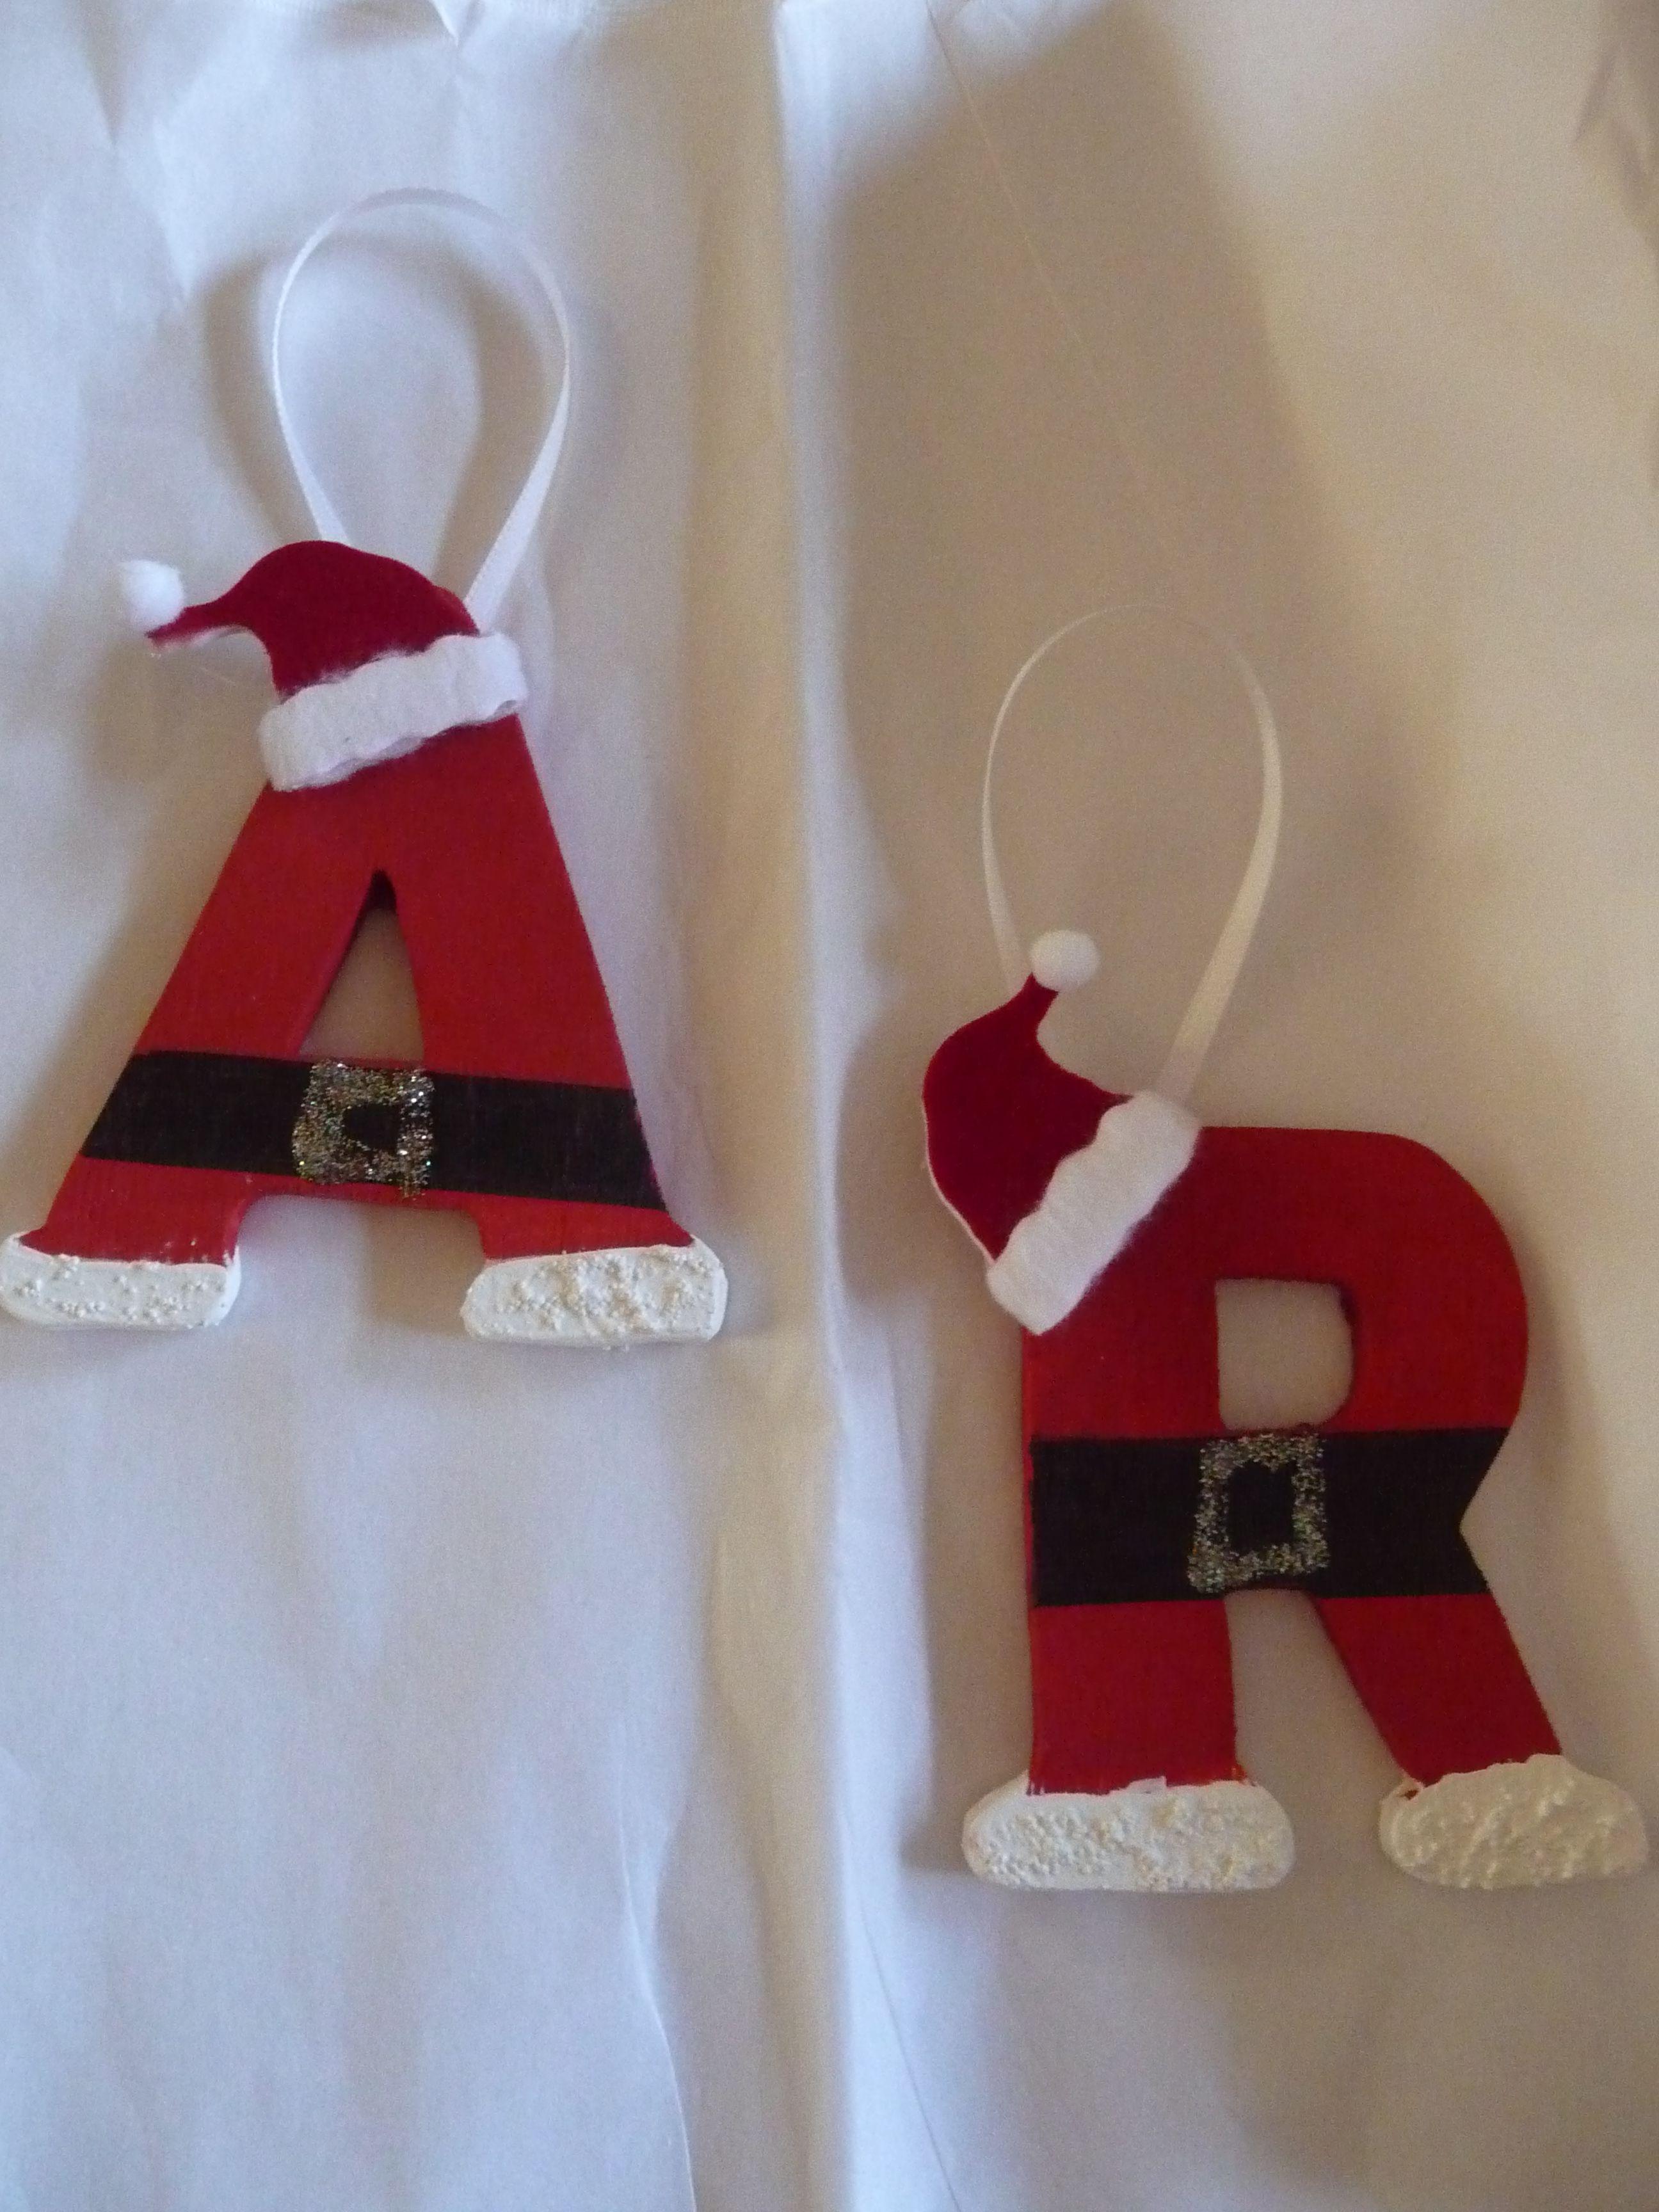 Santa Initial Ornaments!